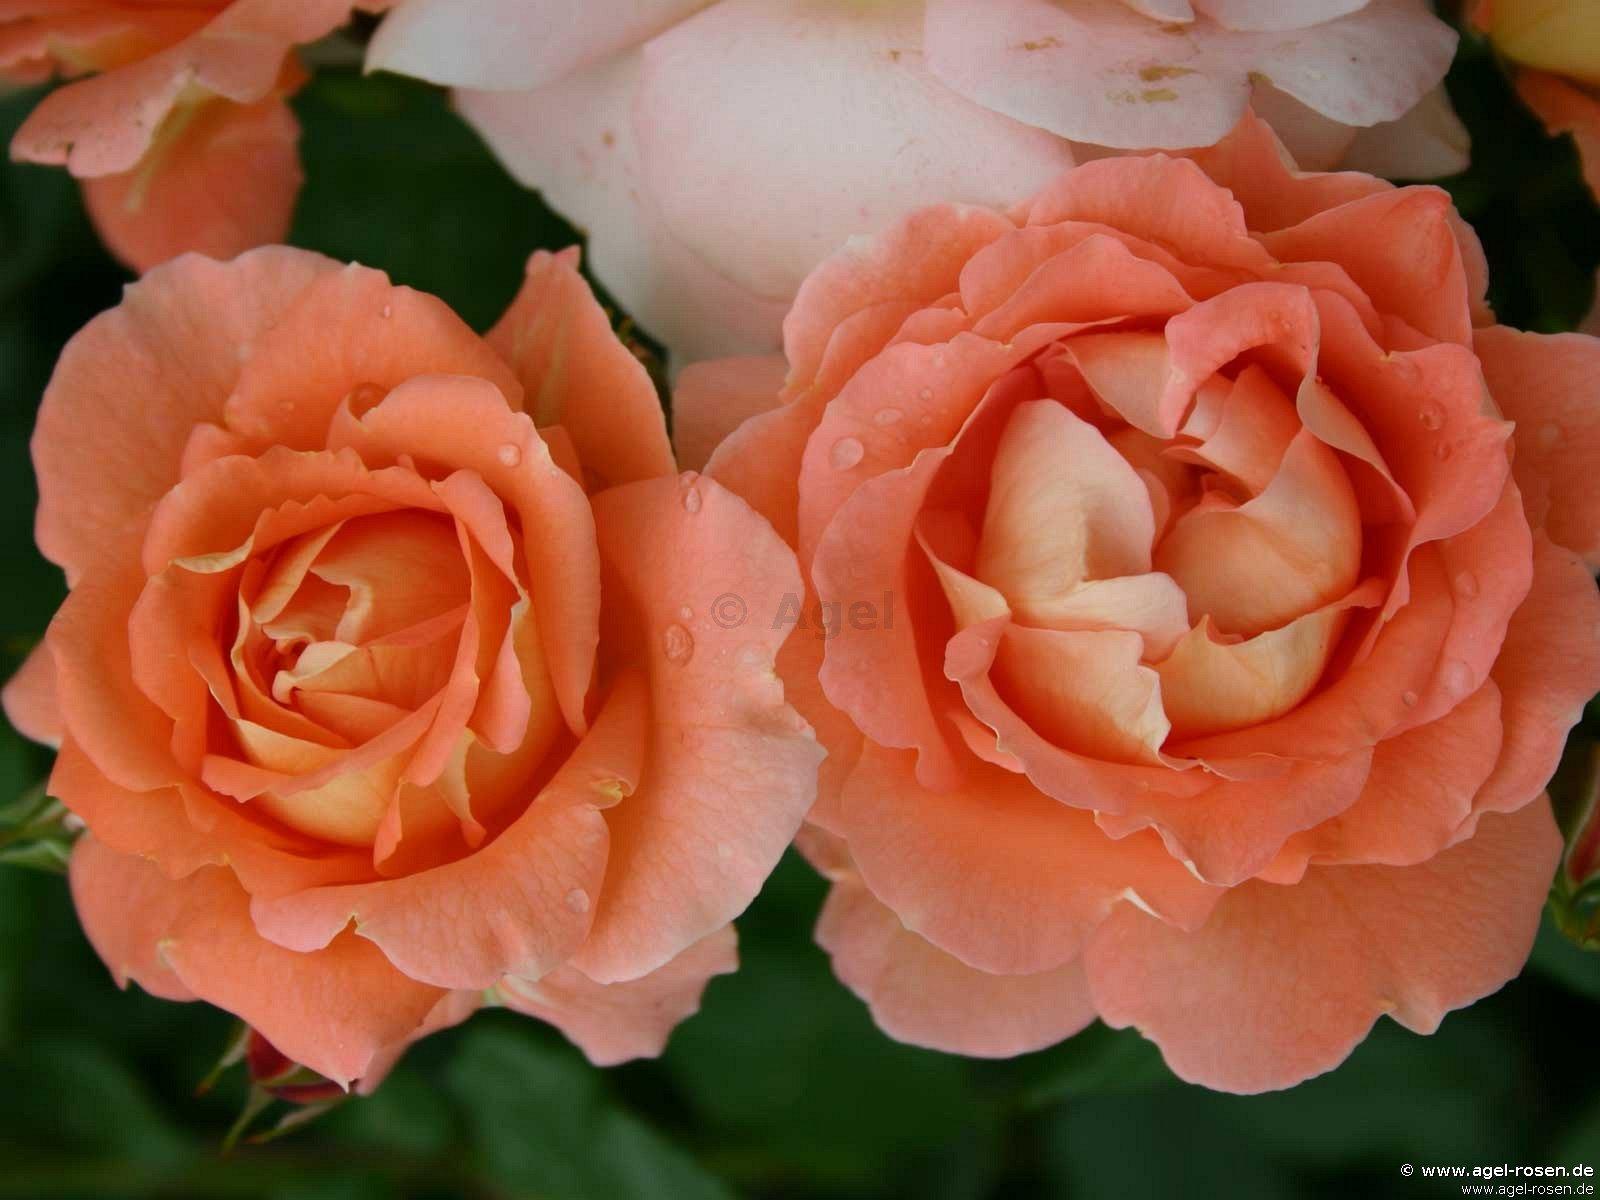 bonita renaissance strauchrose kaufen bei agel rosen. Black Bedroom Furniture Sets. Home Design Ideas